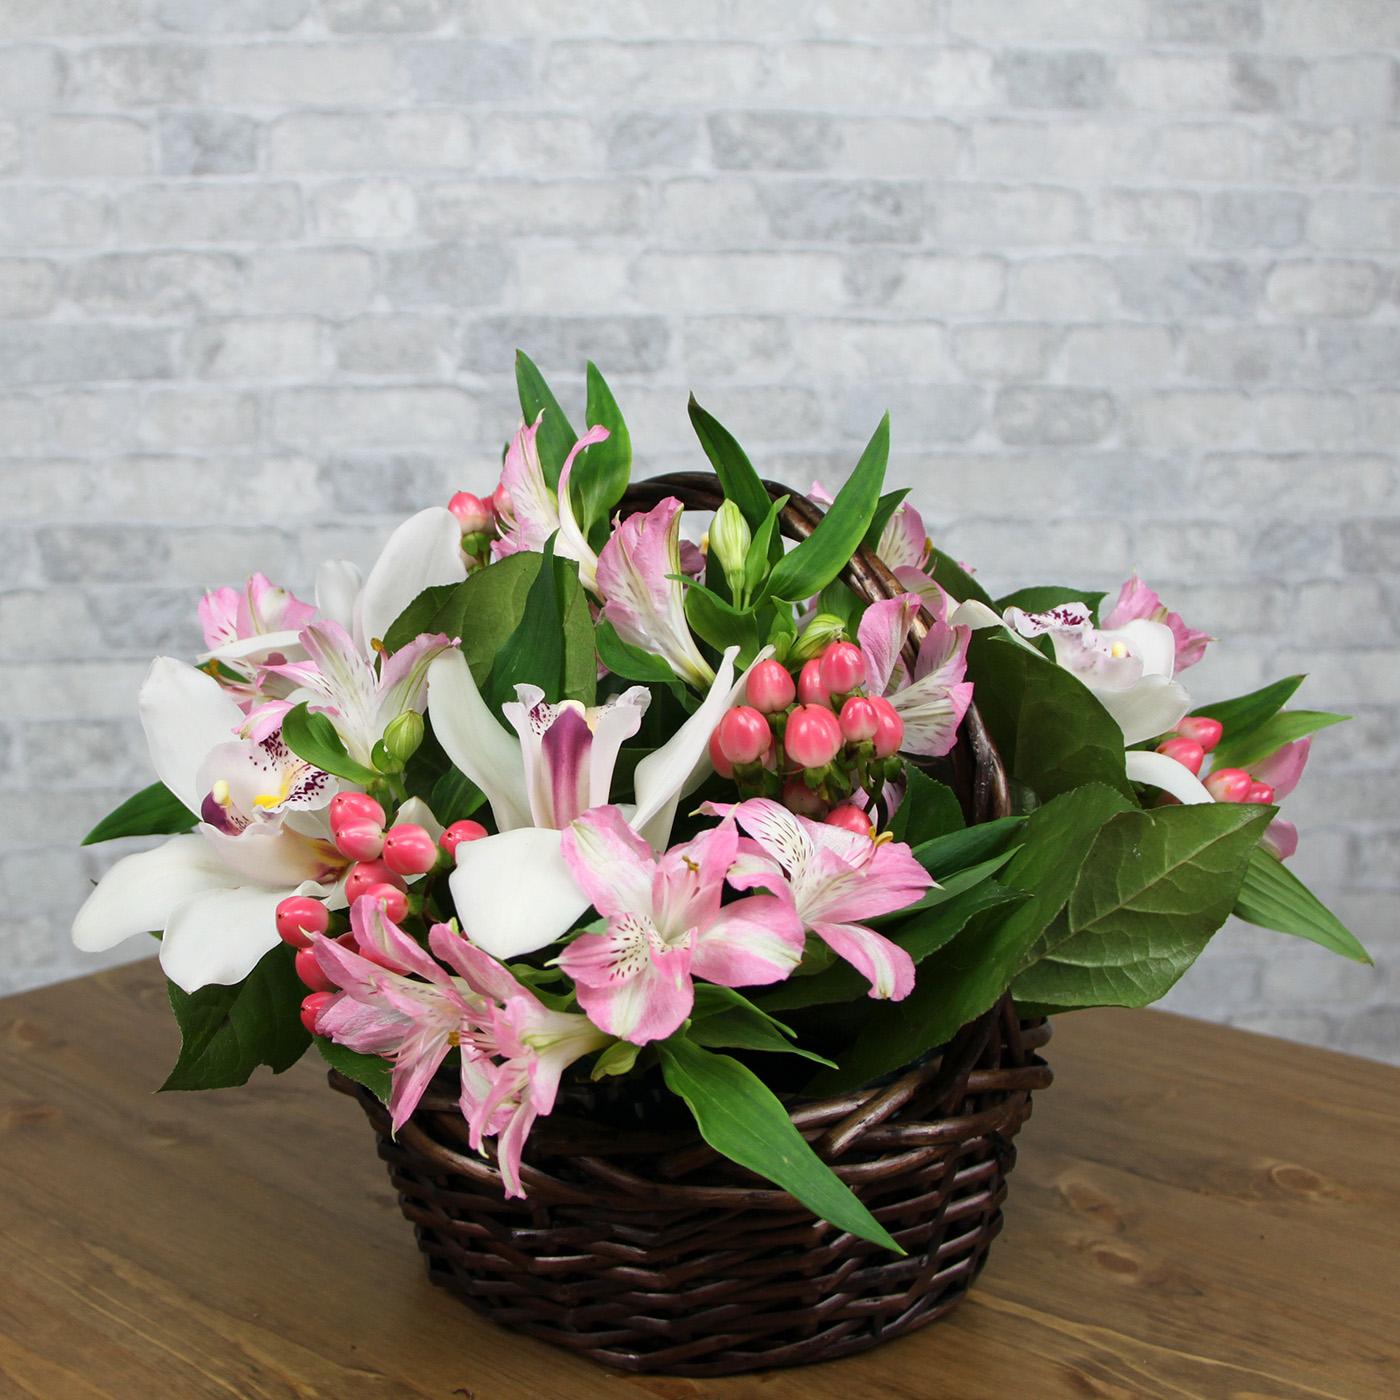 Композиция с орхидеей «Оазис»